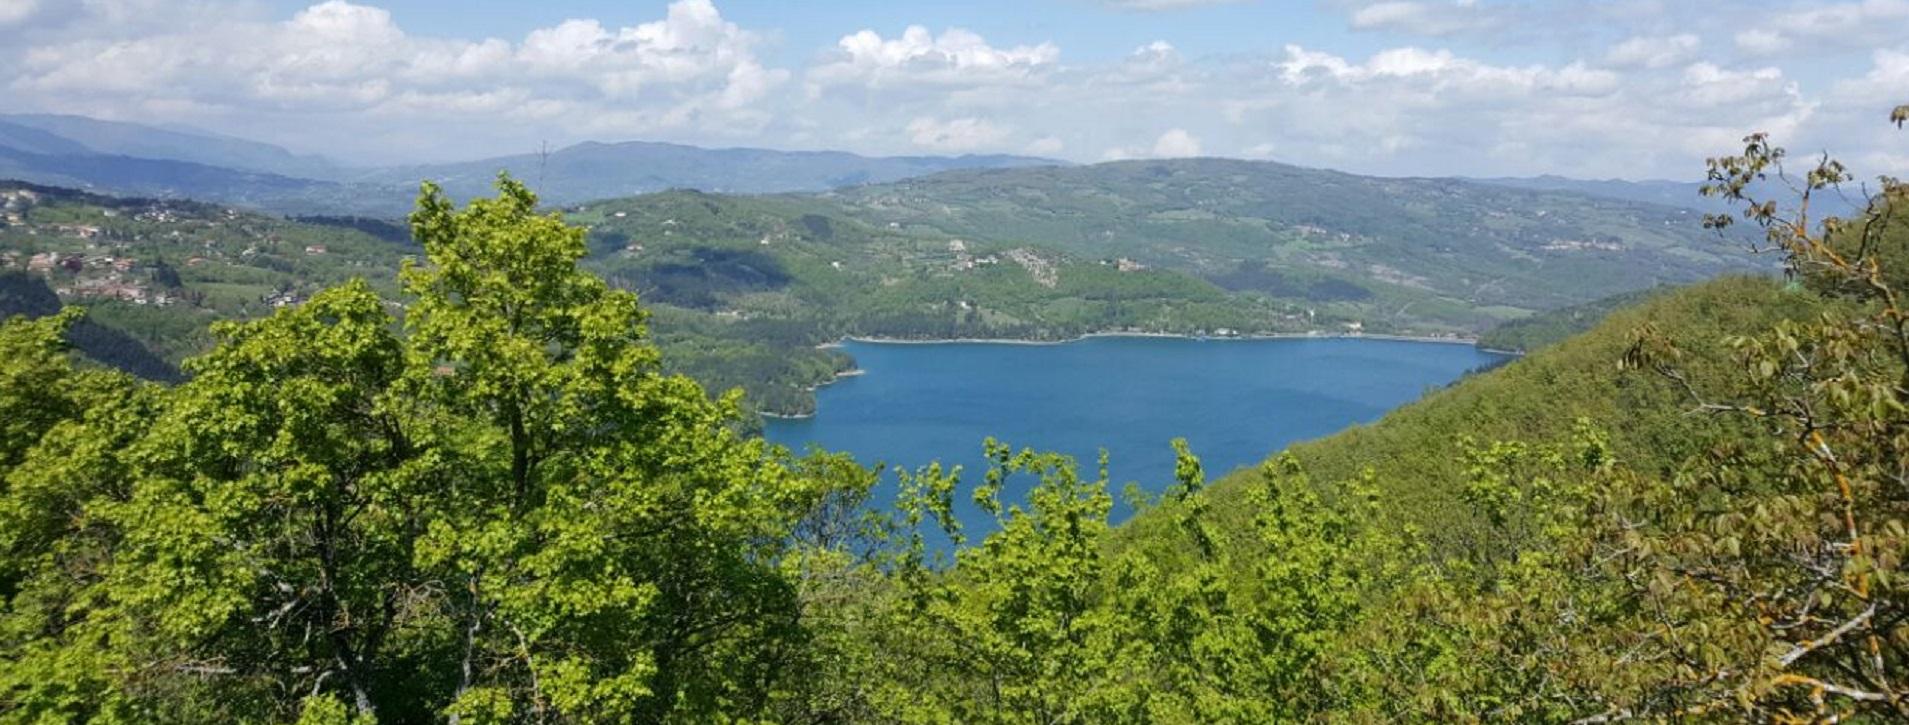 Immagine lago Suviana